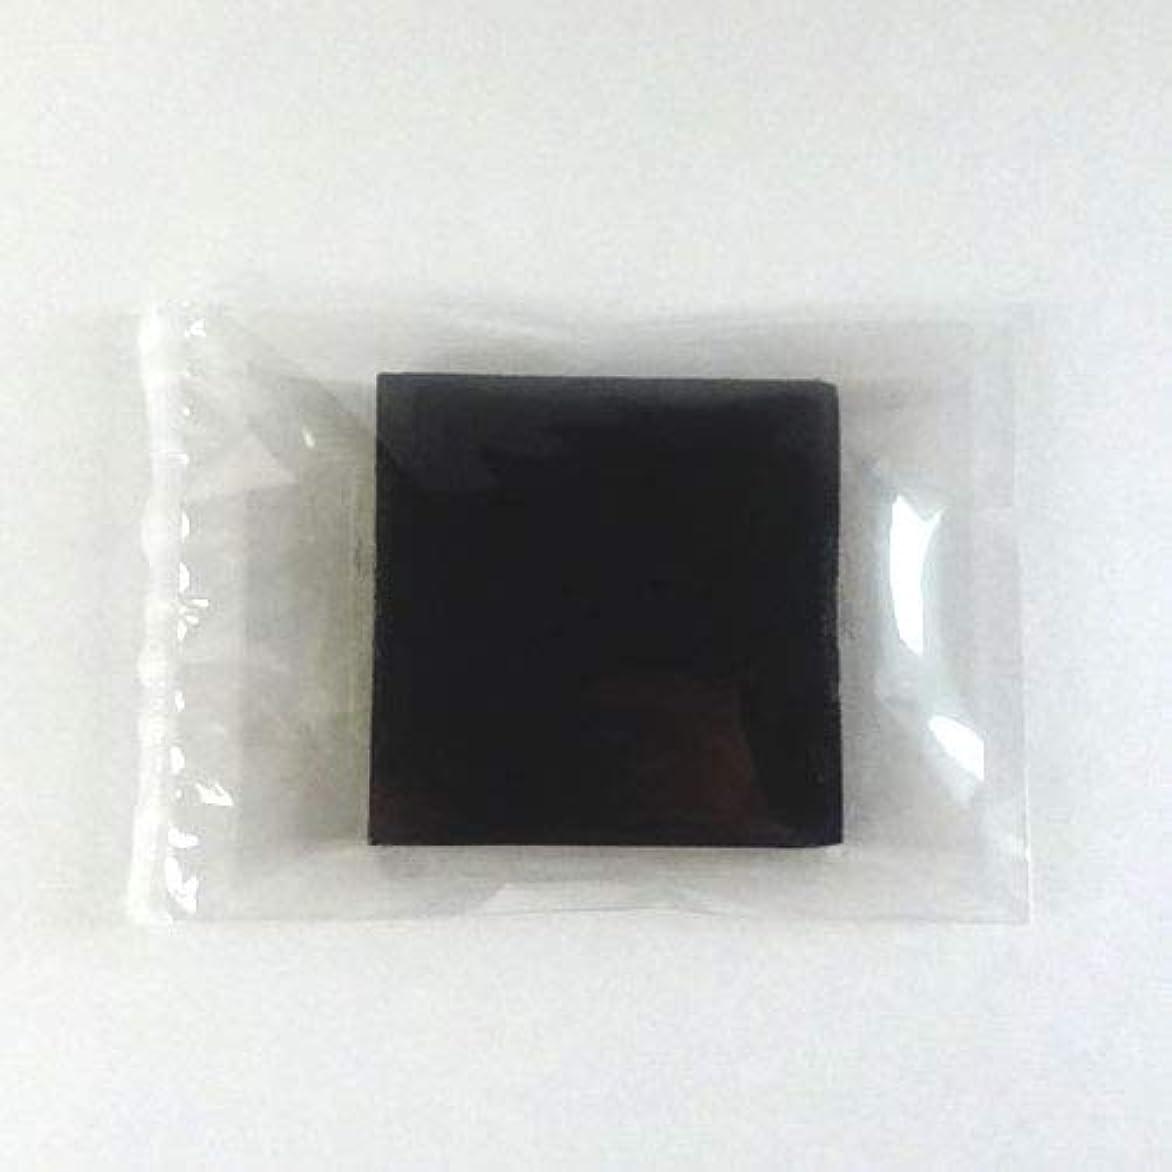 束科学的香ばしいグリセリンソープ MPソープ 色チッププ 黒(ブラック) 60g (30g x 2pc)